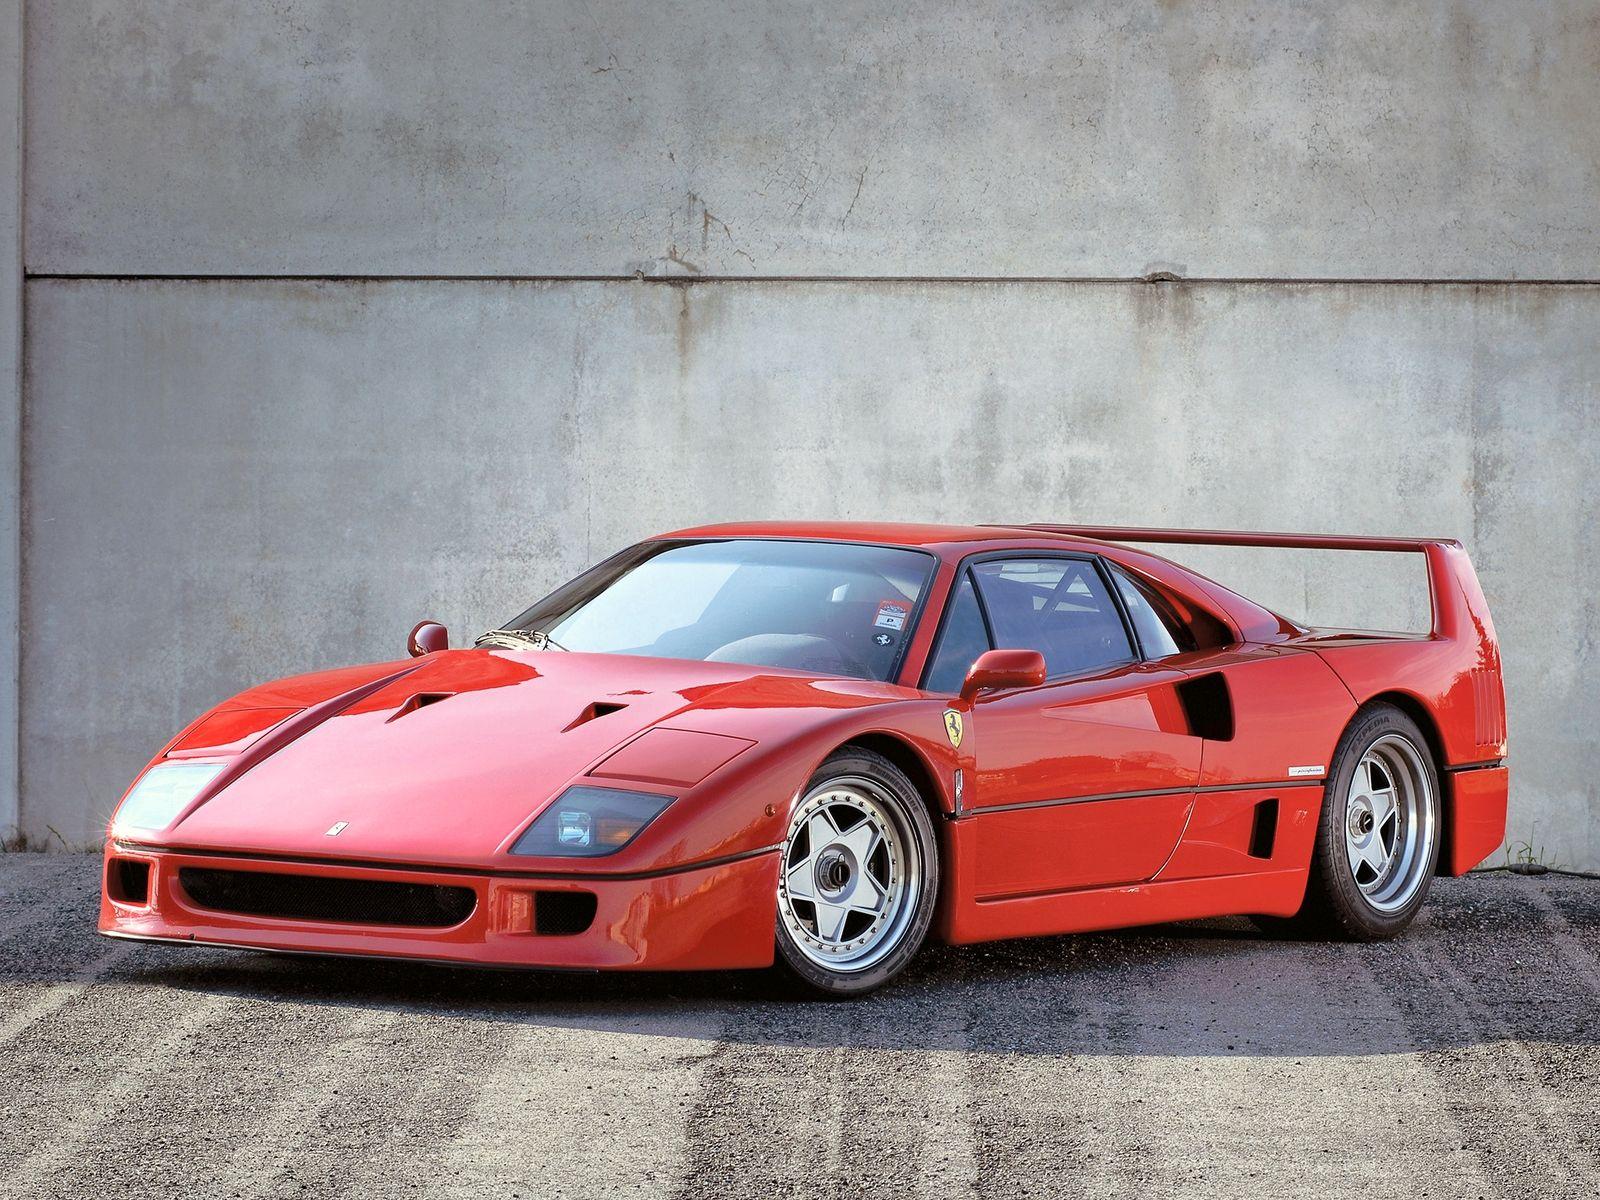 Ferrari F40 Fot 2 Jpg 1600 1200